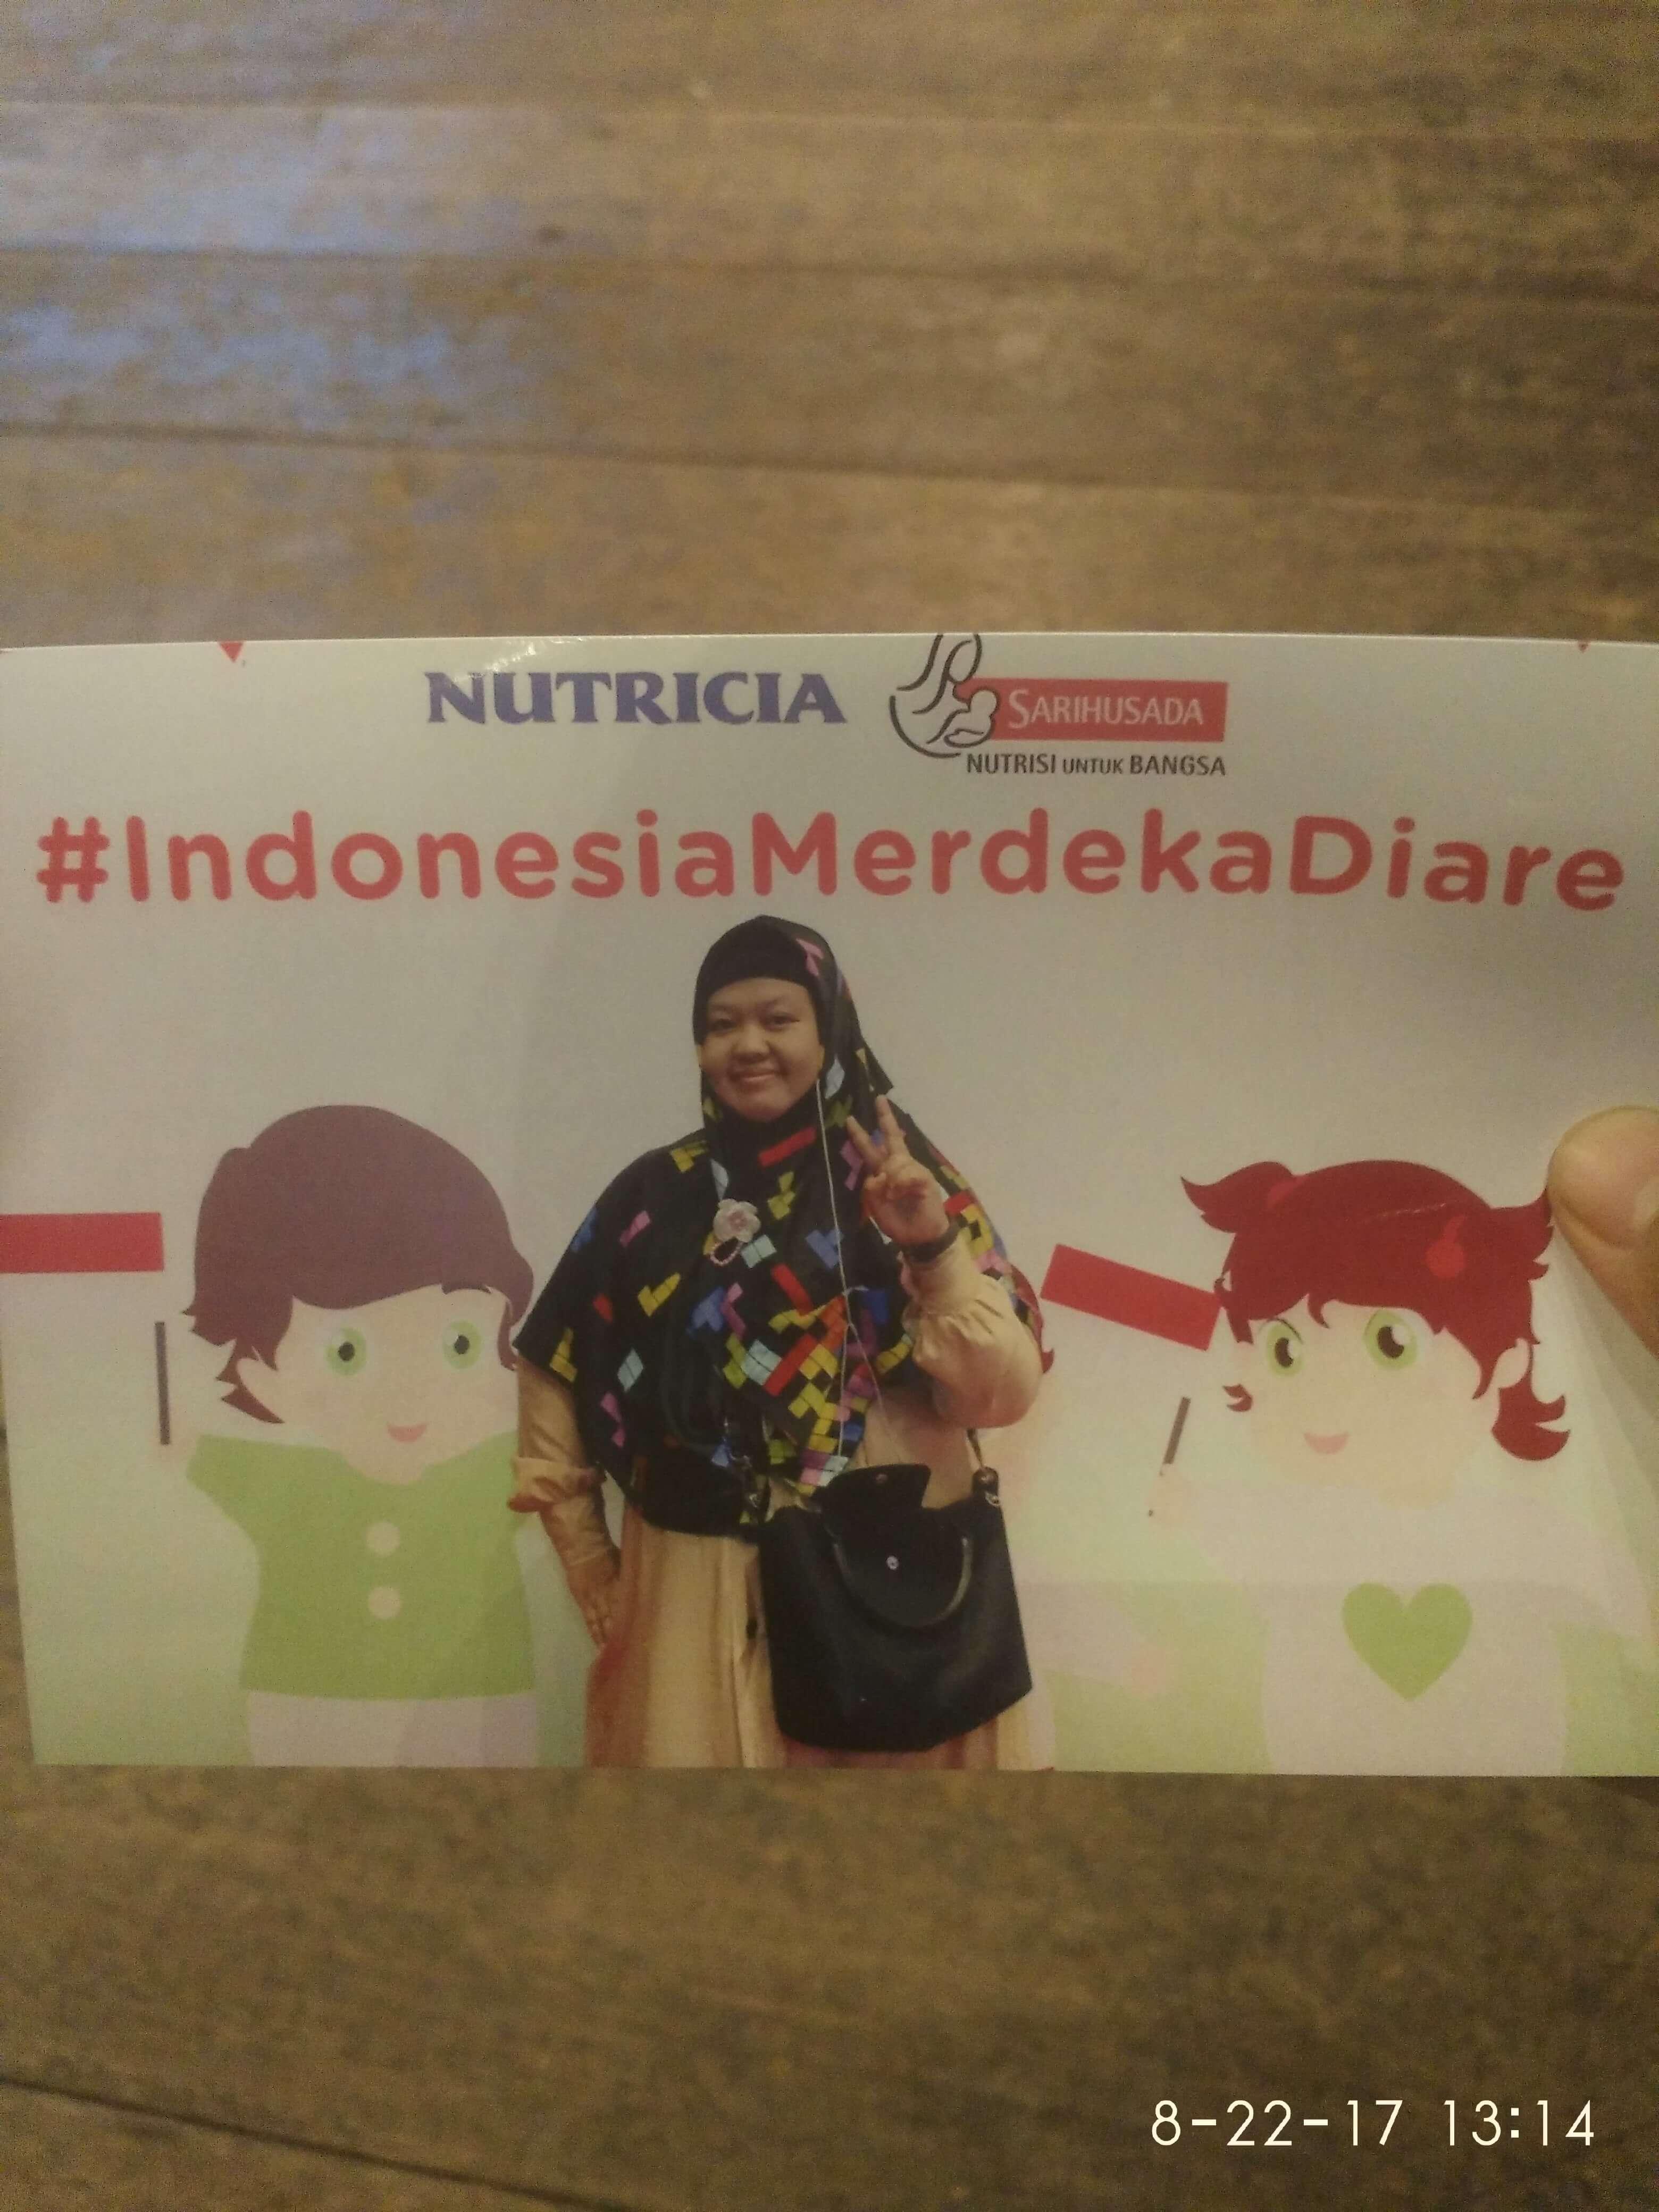 Bukti kehadiran saya di acara #indonesiamerdekadiare